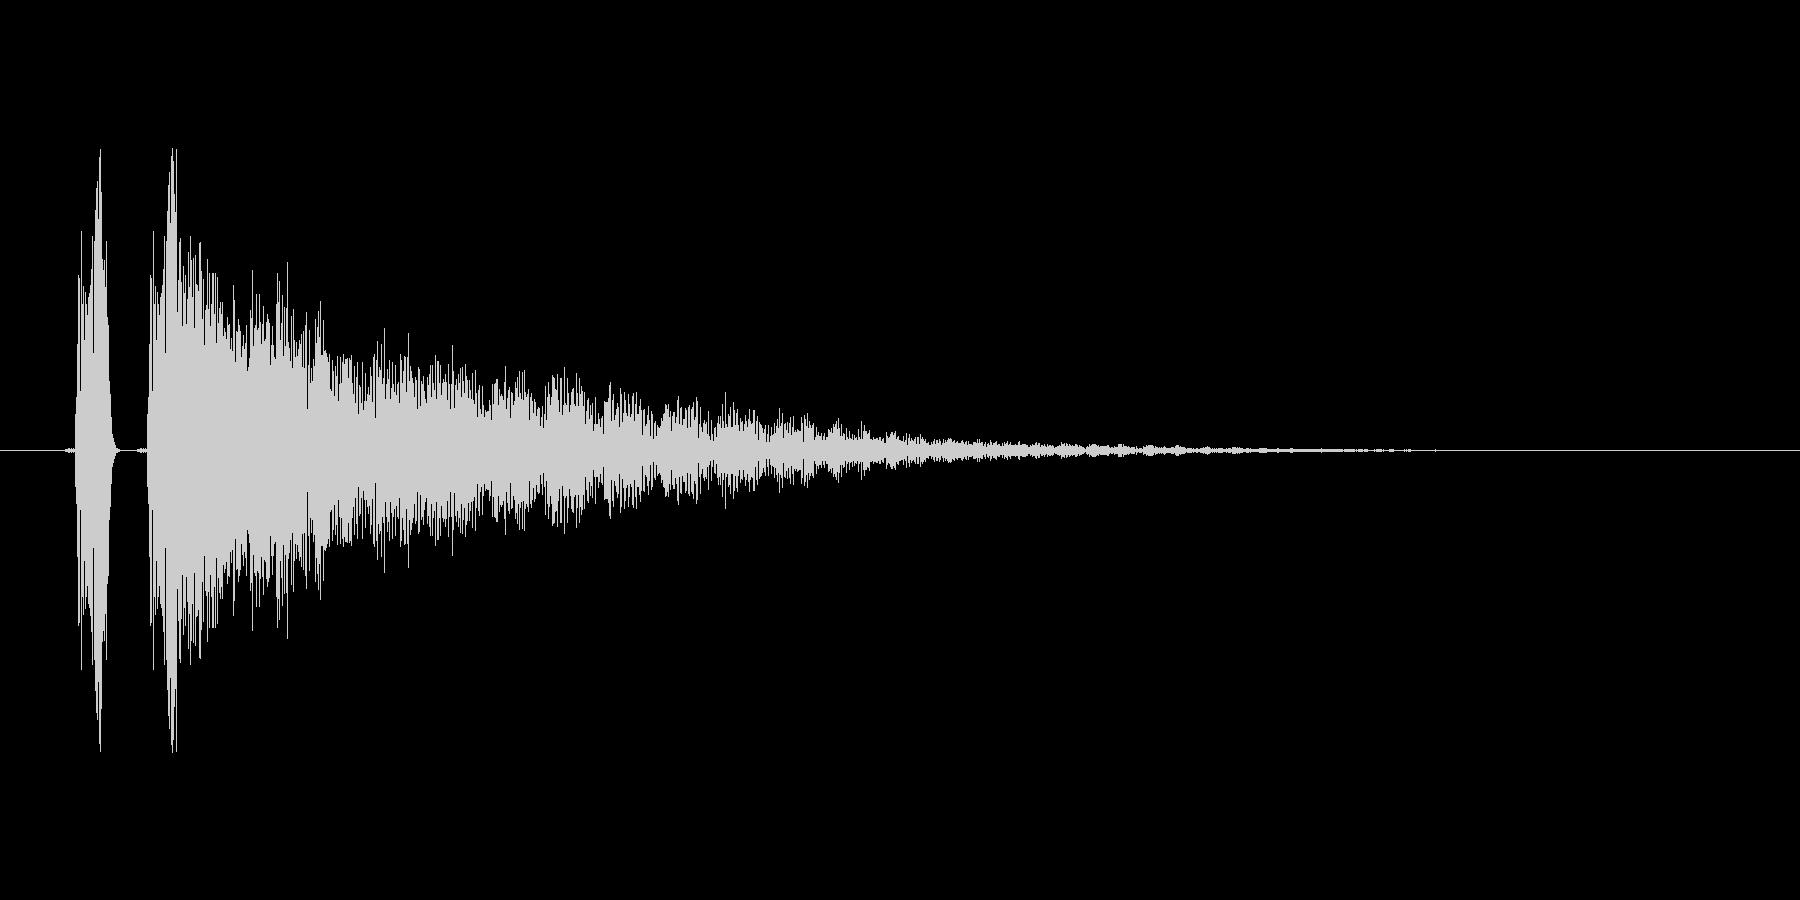 アイテムゲット音、完了音。の未再生の波形